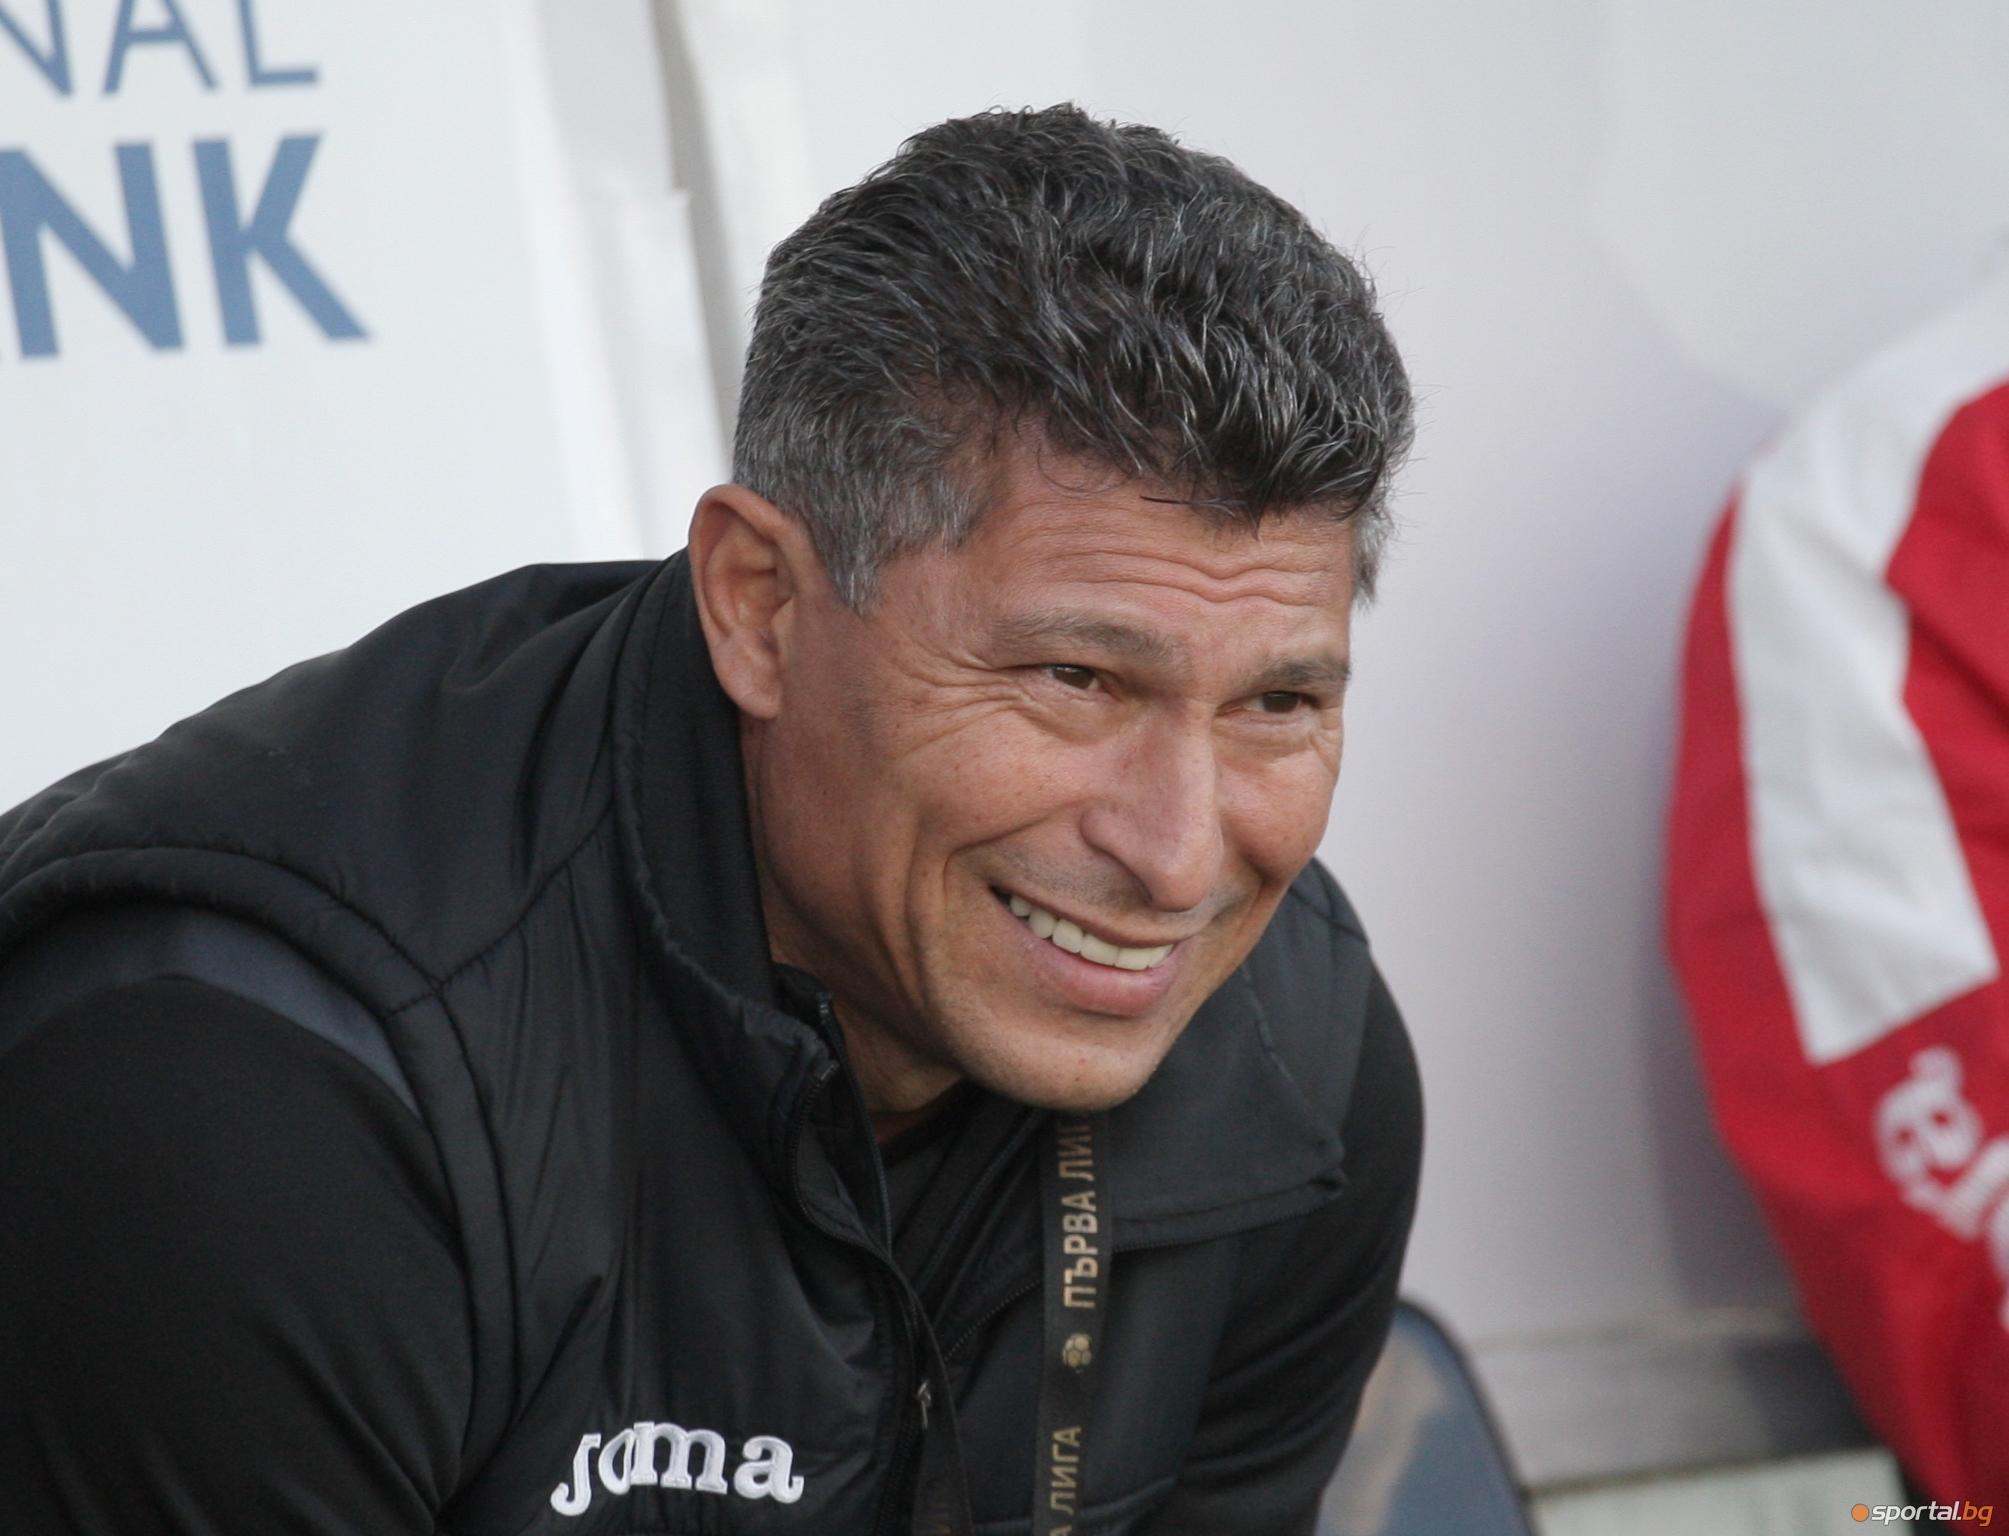 Треньорът на Етър Красимир Балъков остана спокоен след загубата от